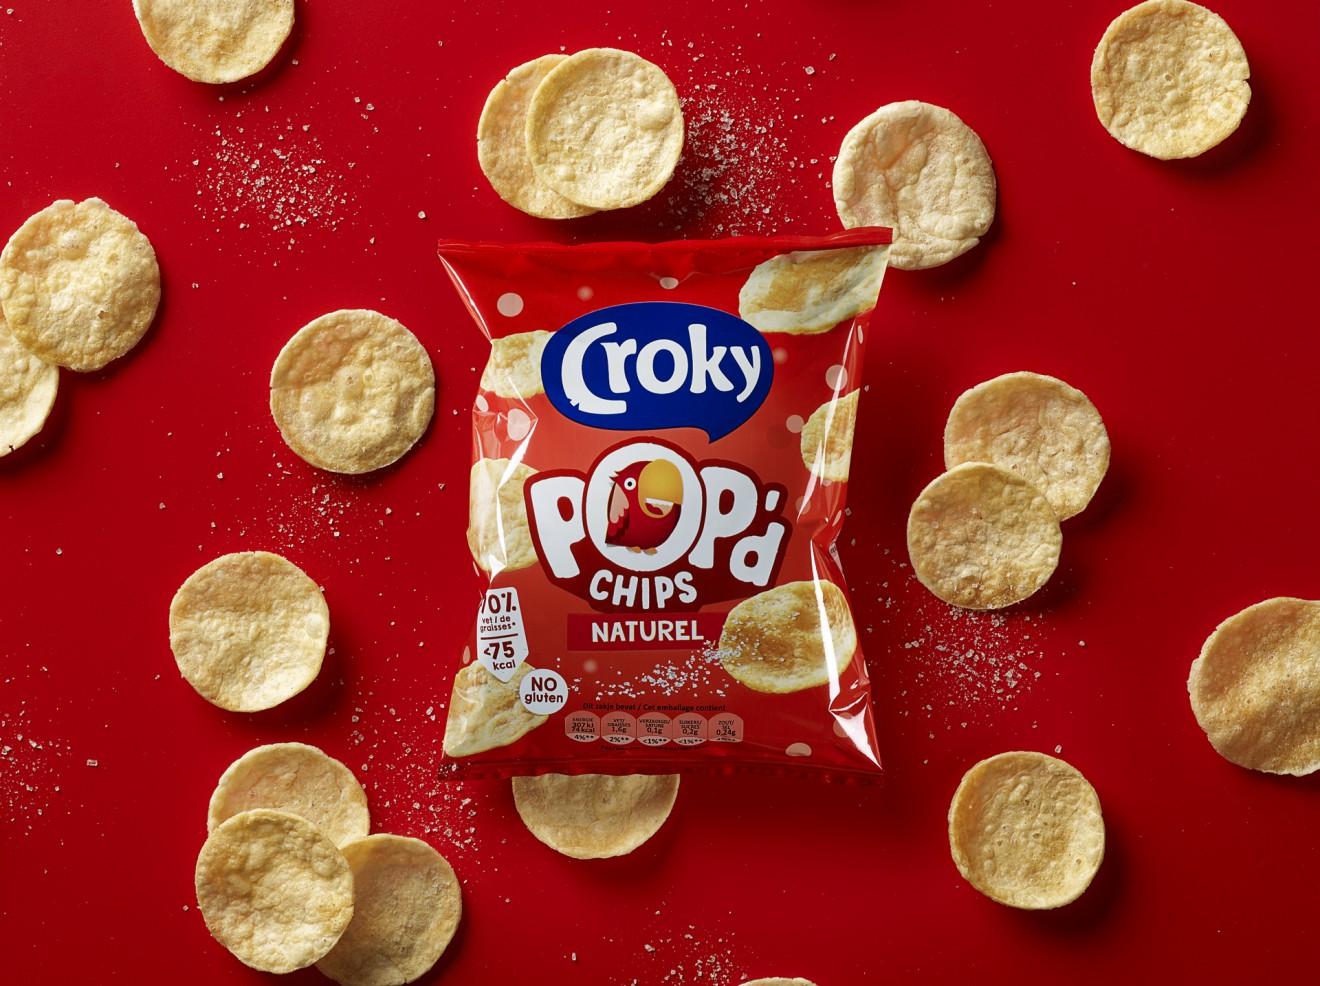 Quatre Mains package design - Croky, pop'd, chips, quatre mains